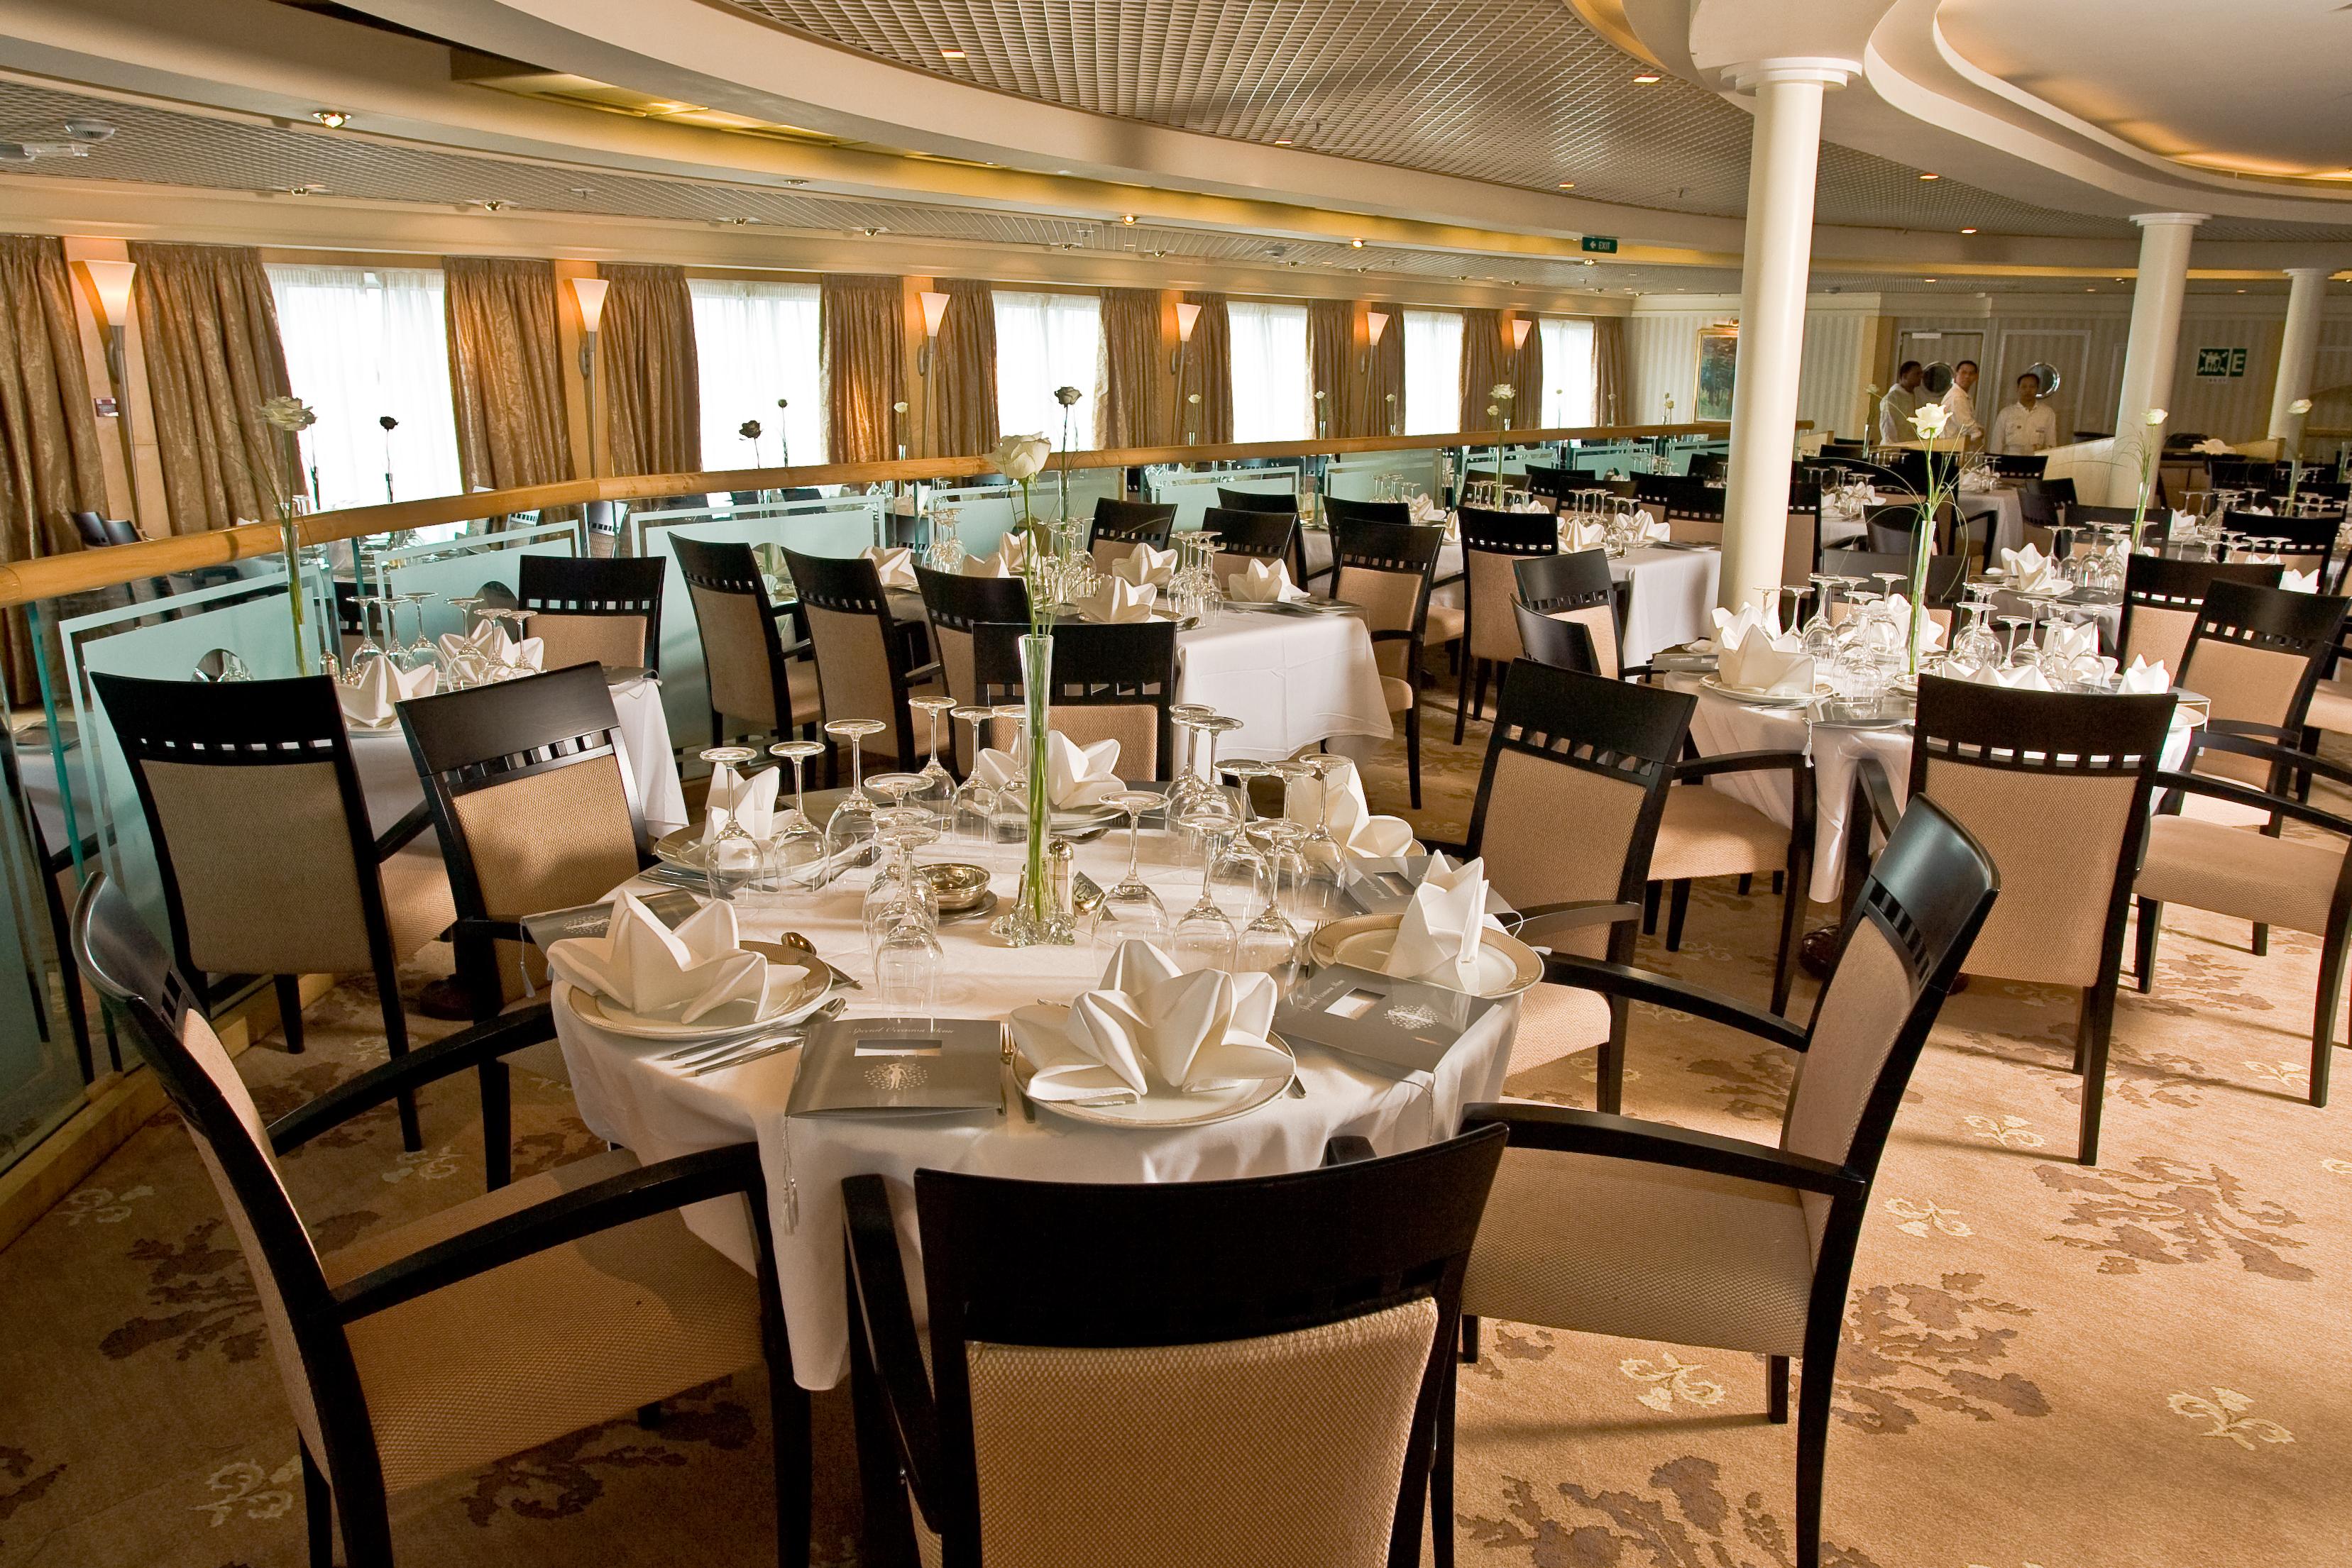 fred olsen cruise lines braemar thistle restaurant 2014.JPG